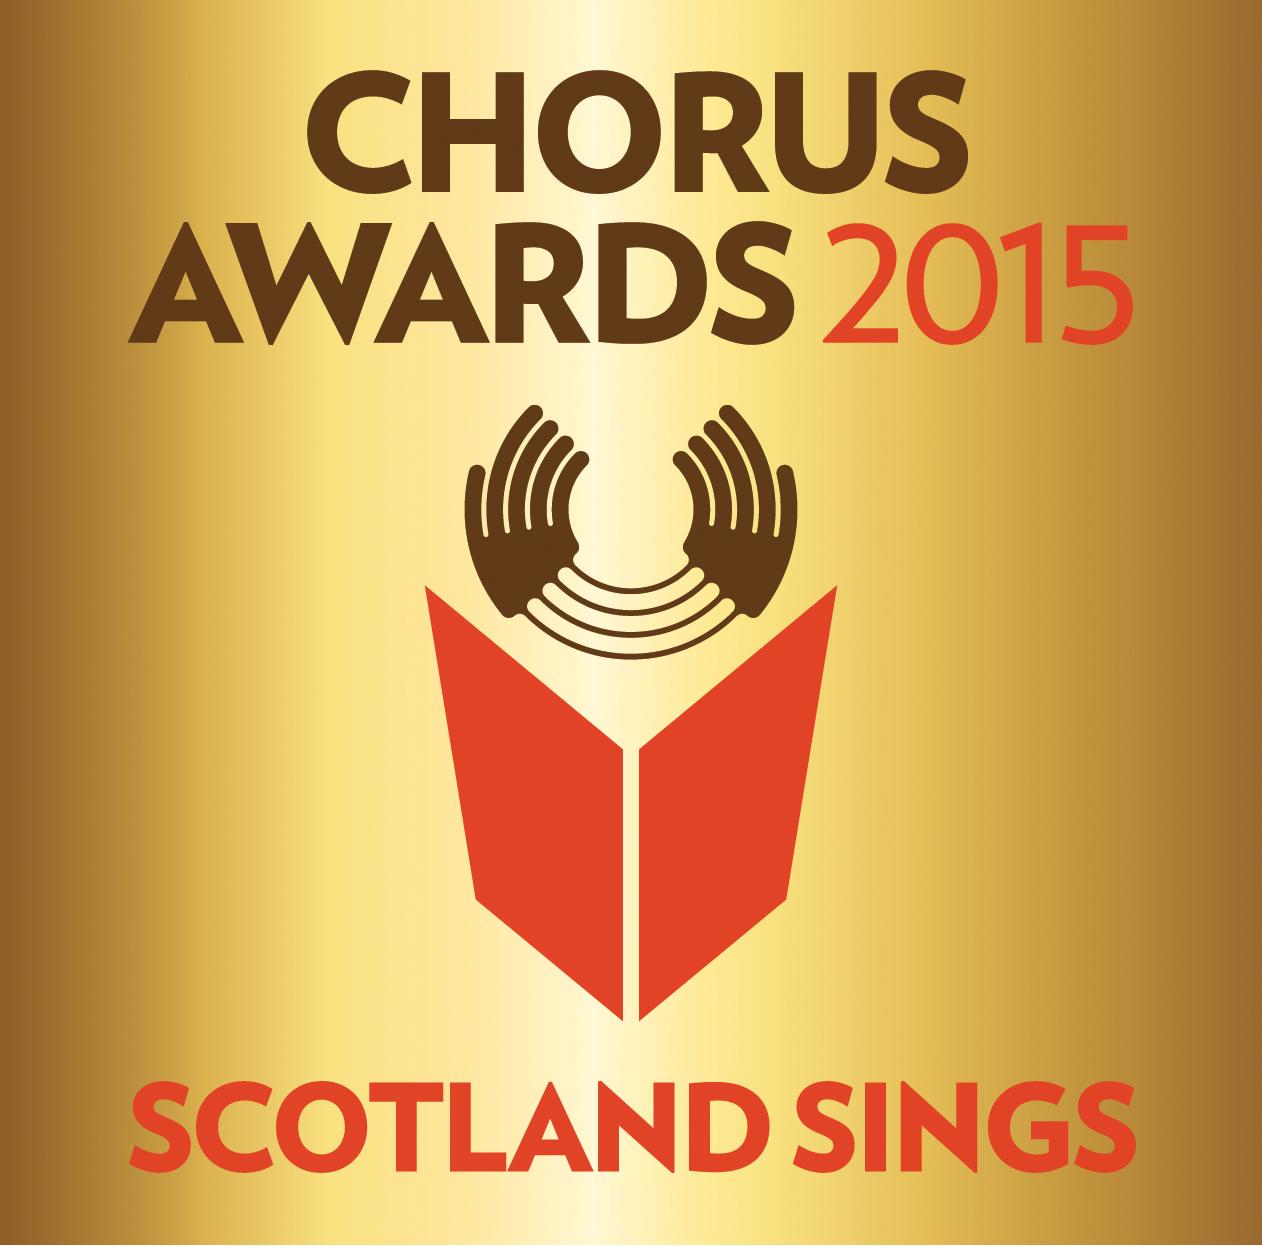 ChorusAwards2015_logo